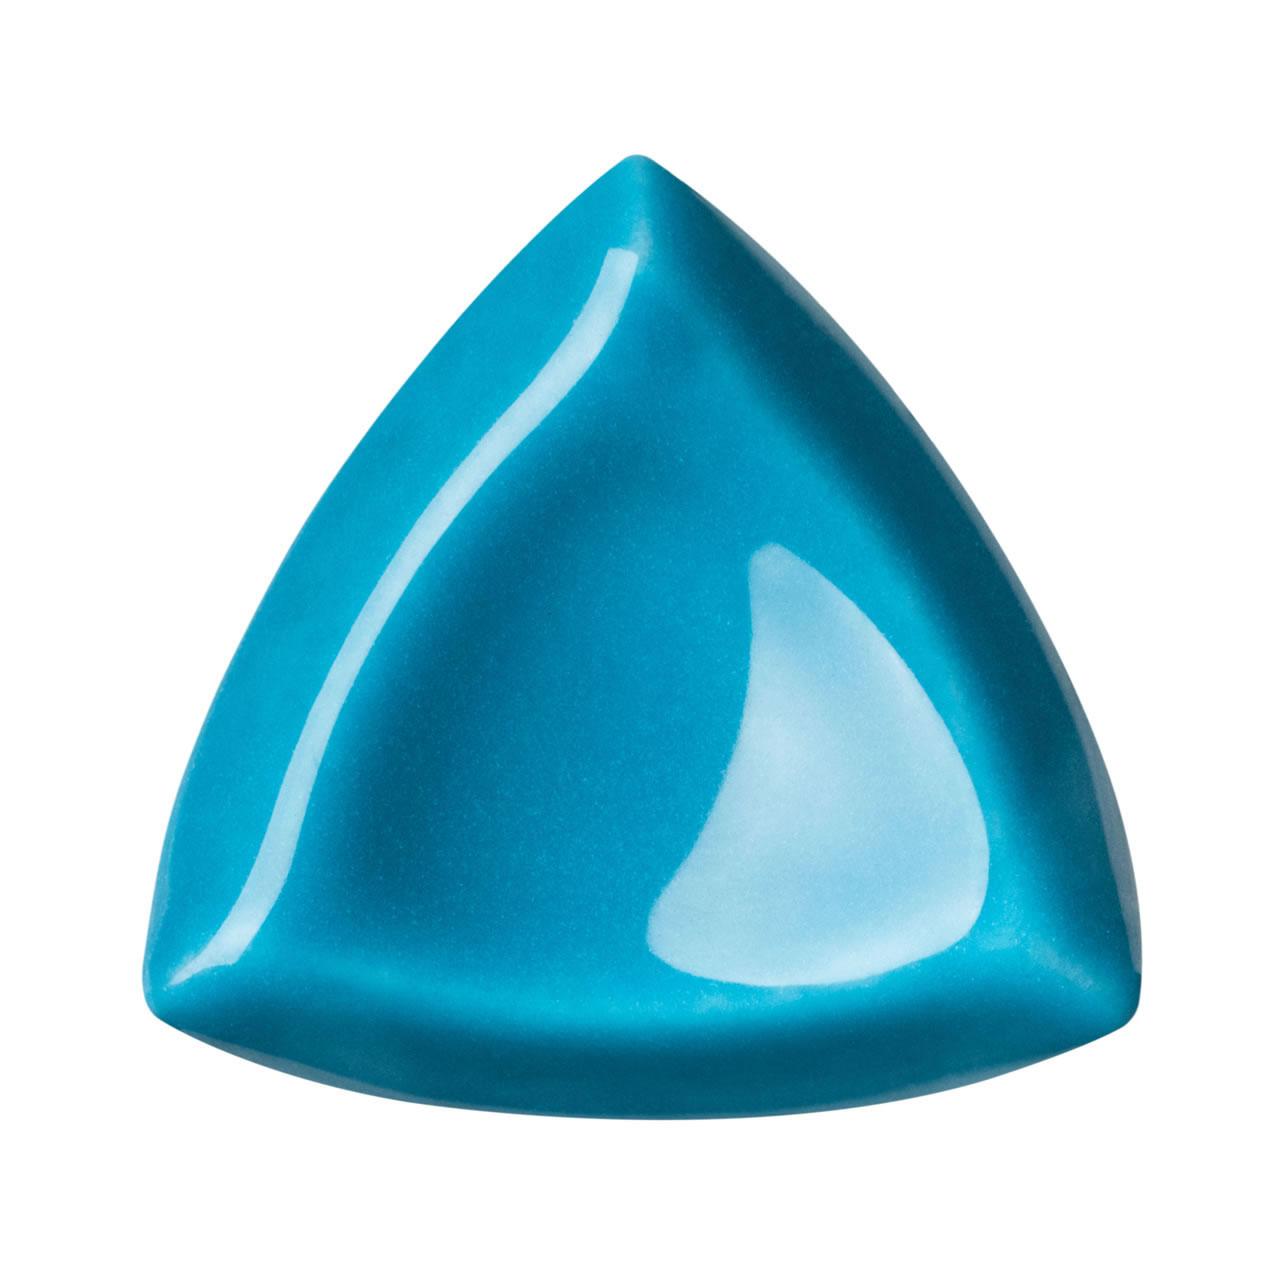 castanha interna azul mar 2,5×2,5